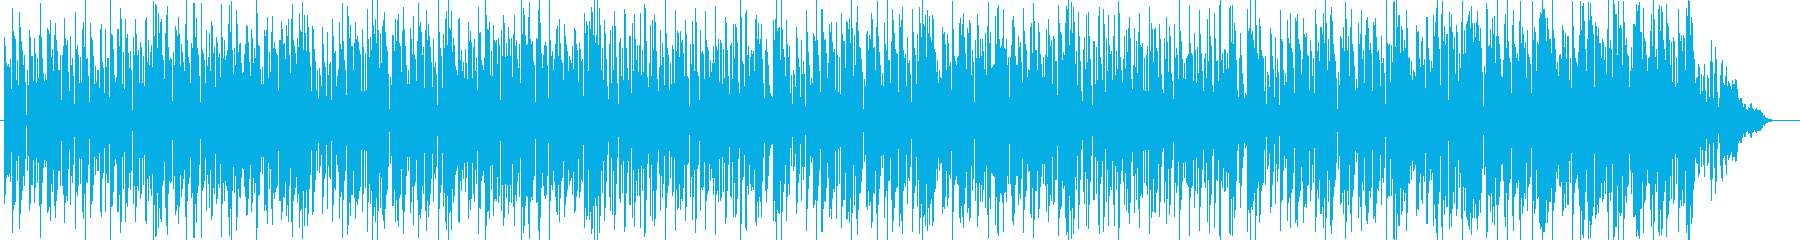 タイトなドラムとコミカルな音とのコラボの再生済みの波形